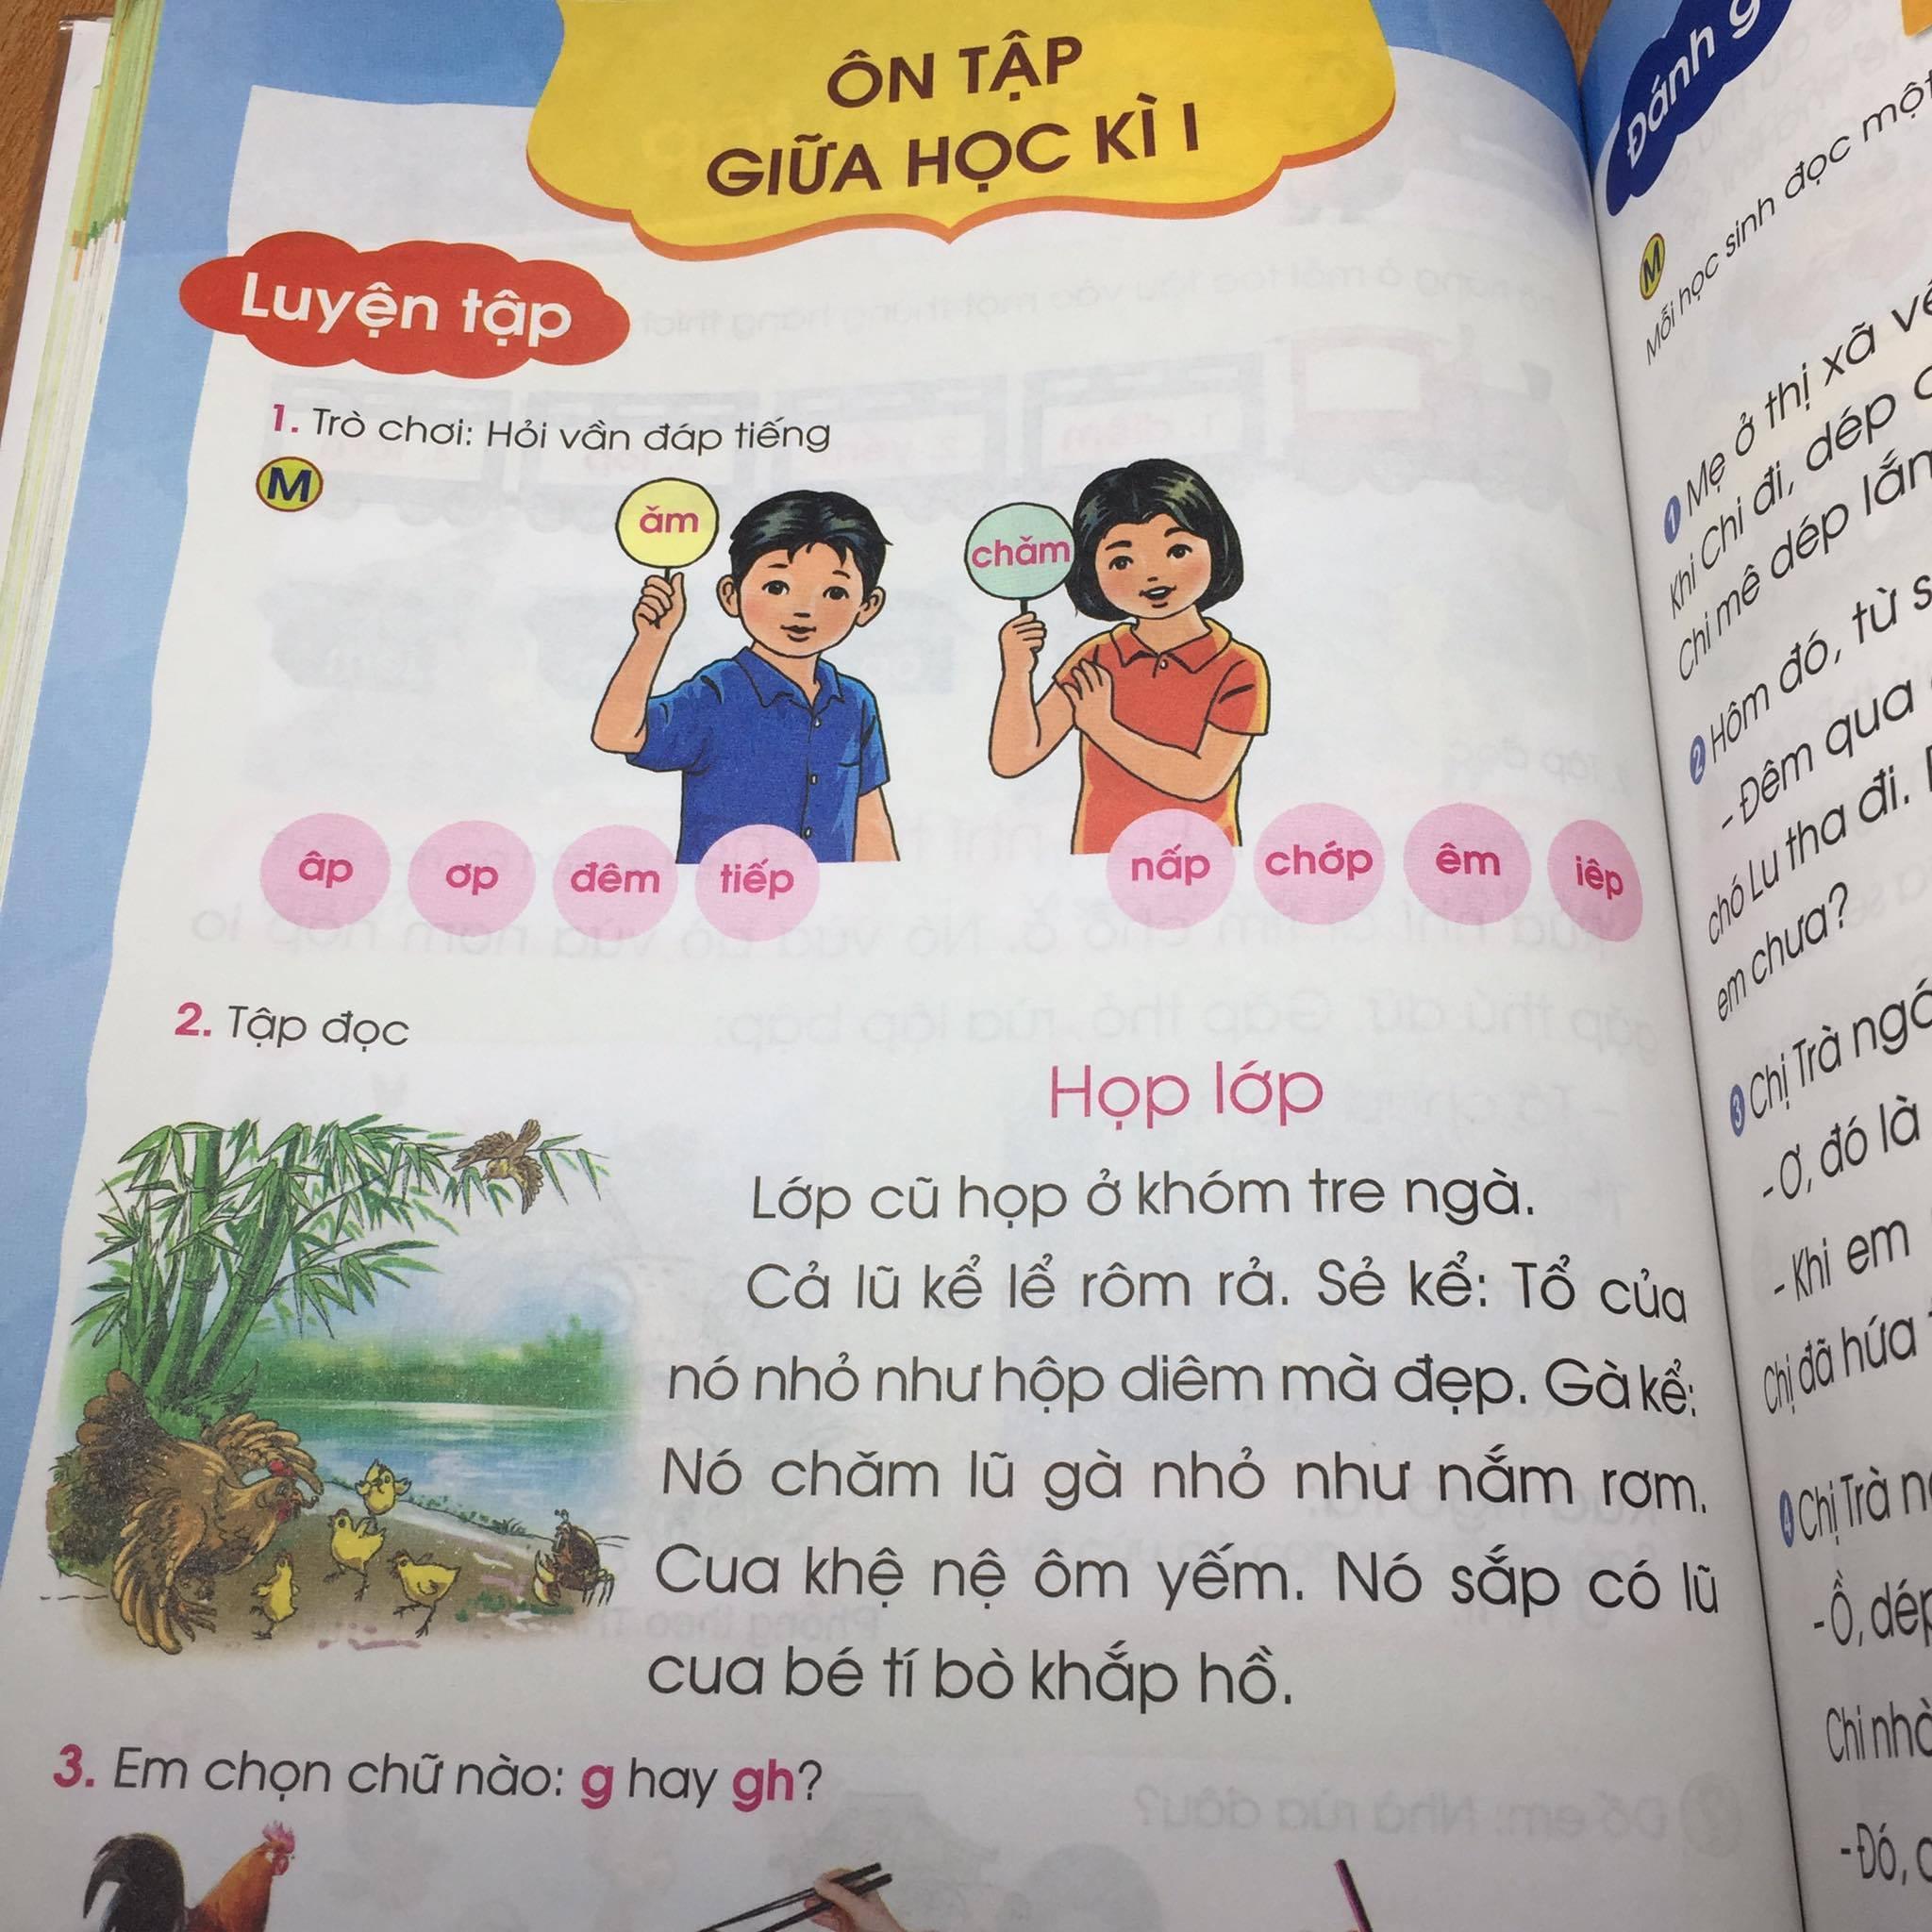 Tác giả lên tiếng về SGK Tiếng Việt 1 bị chê dạy học sinh 'lười nhác, thủ đoạn'